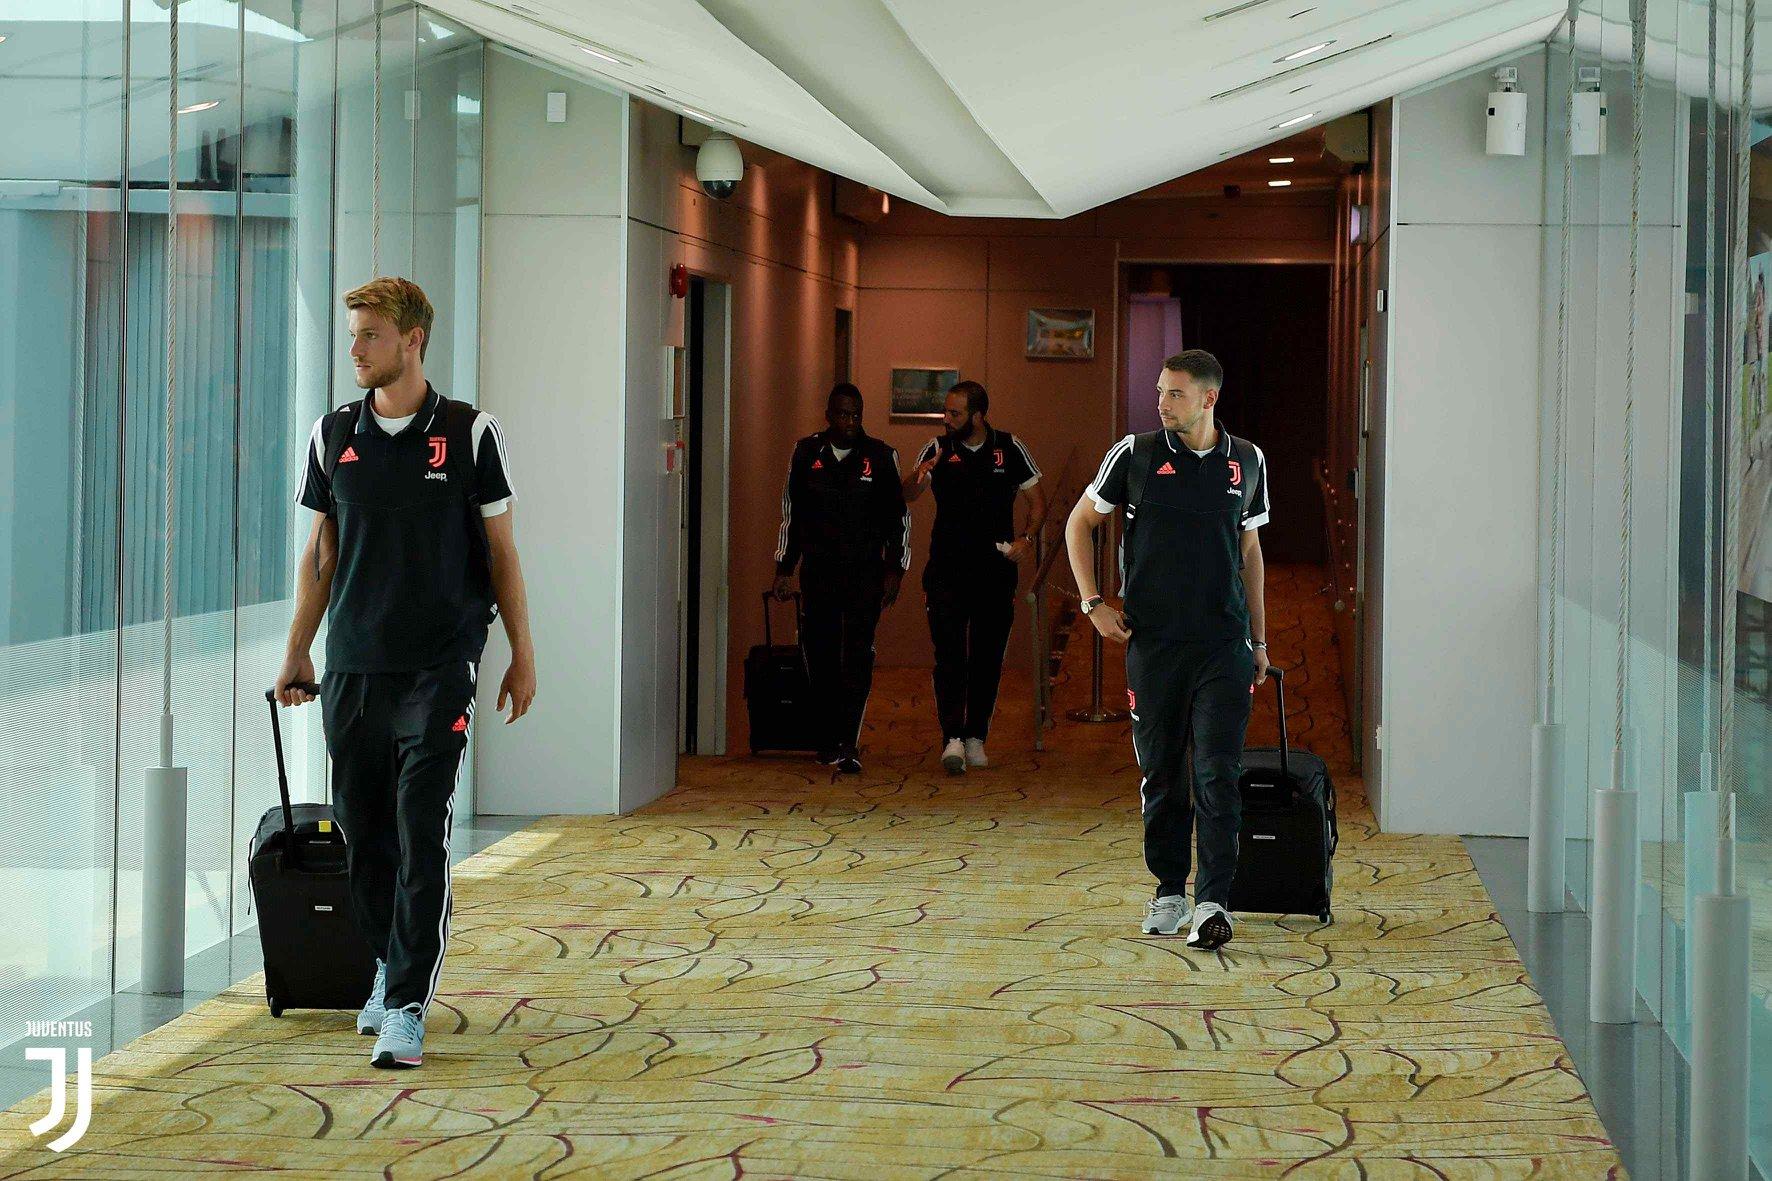 De Ligt chiếm 'spotlight' của Ronaldo khi Juve đặt chân tới Singapore - Bóng Đá